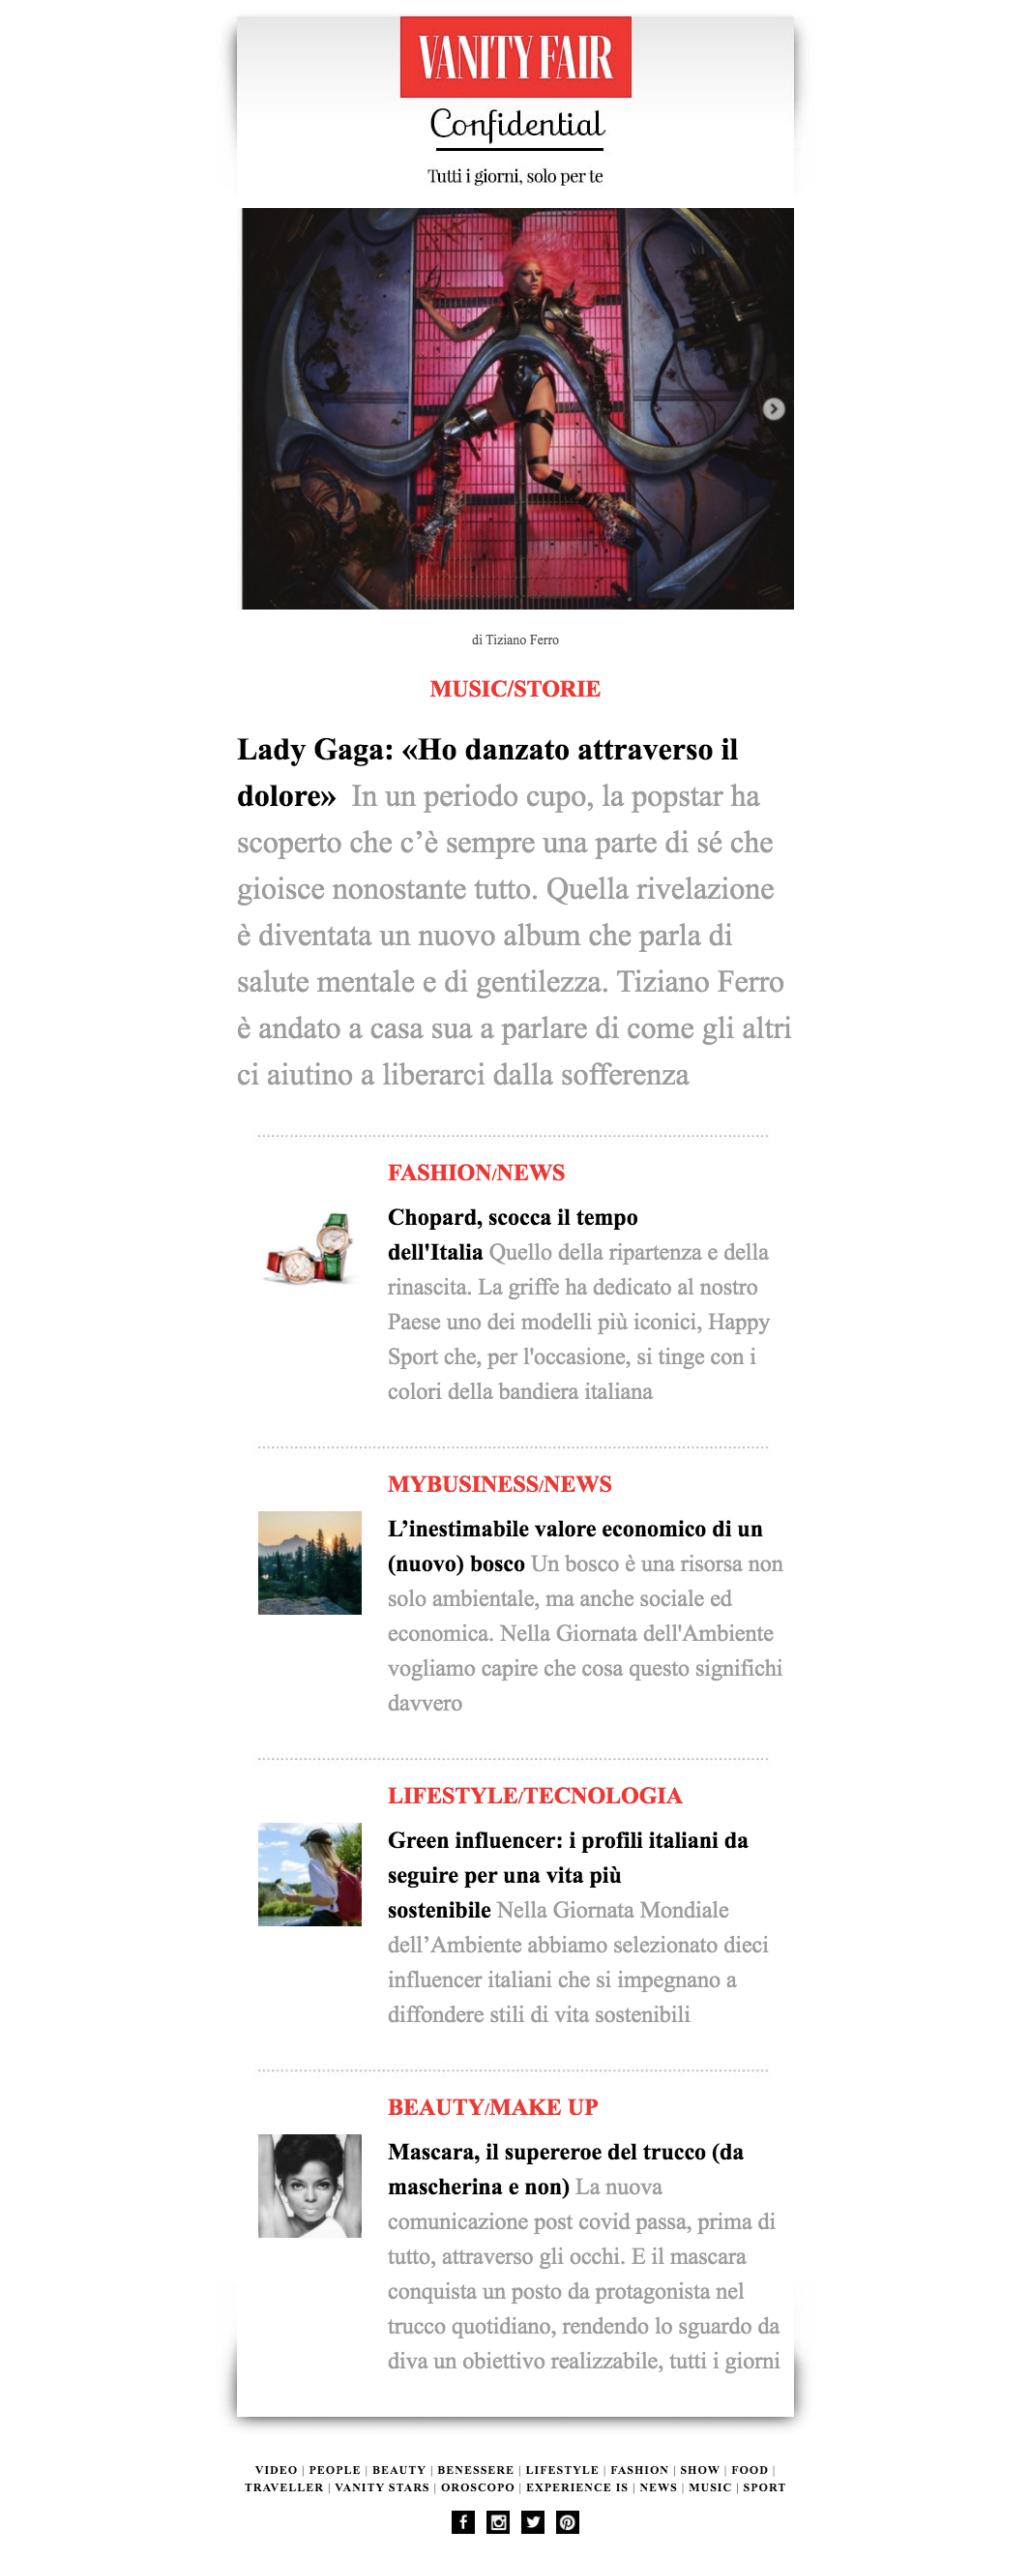 vanityfair-newsletter